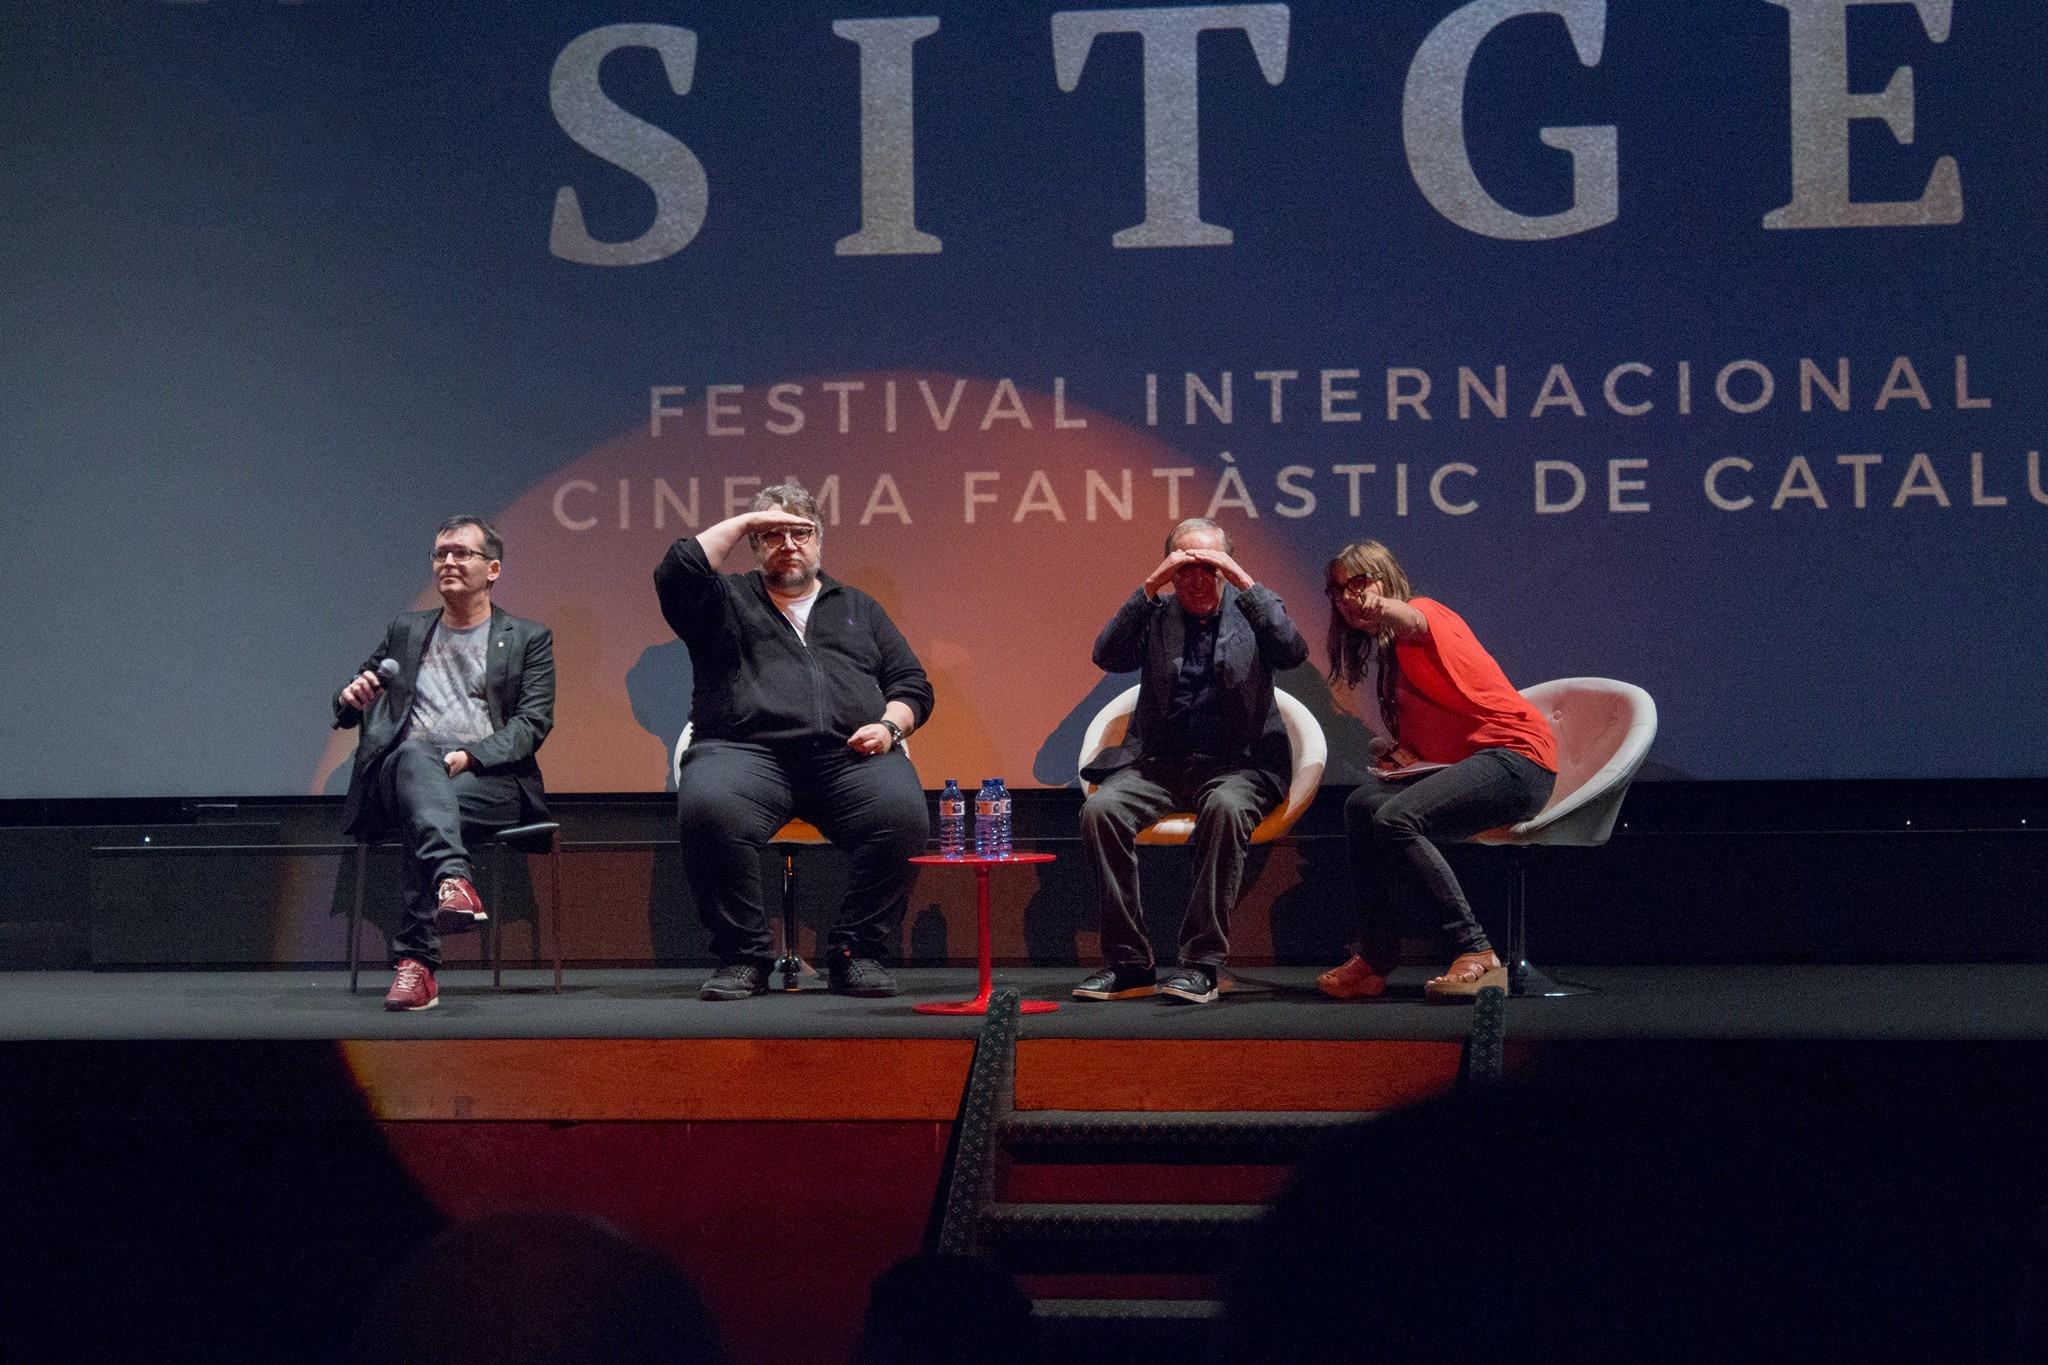 Guillermo Del Toro y Darío Argento Sitges 2017